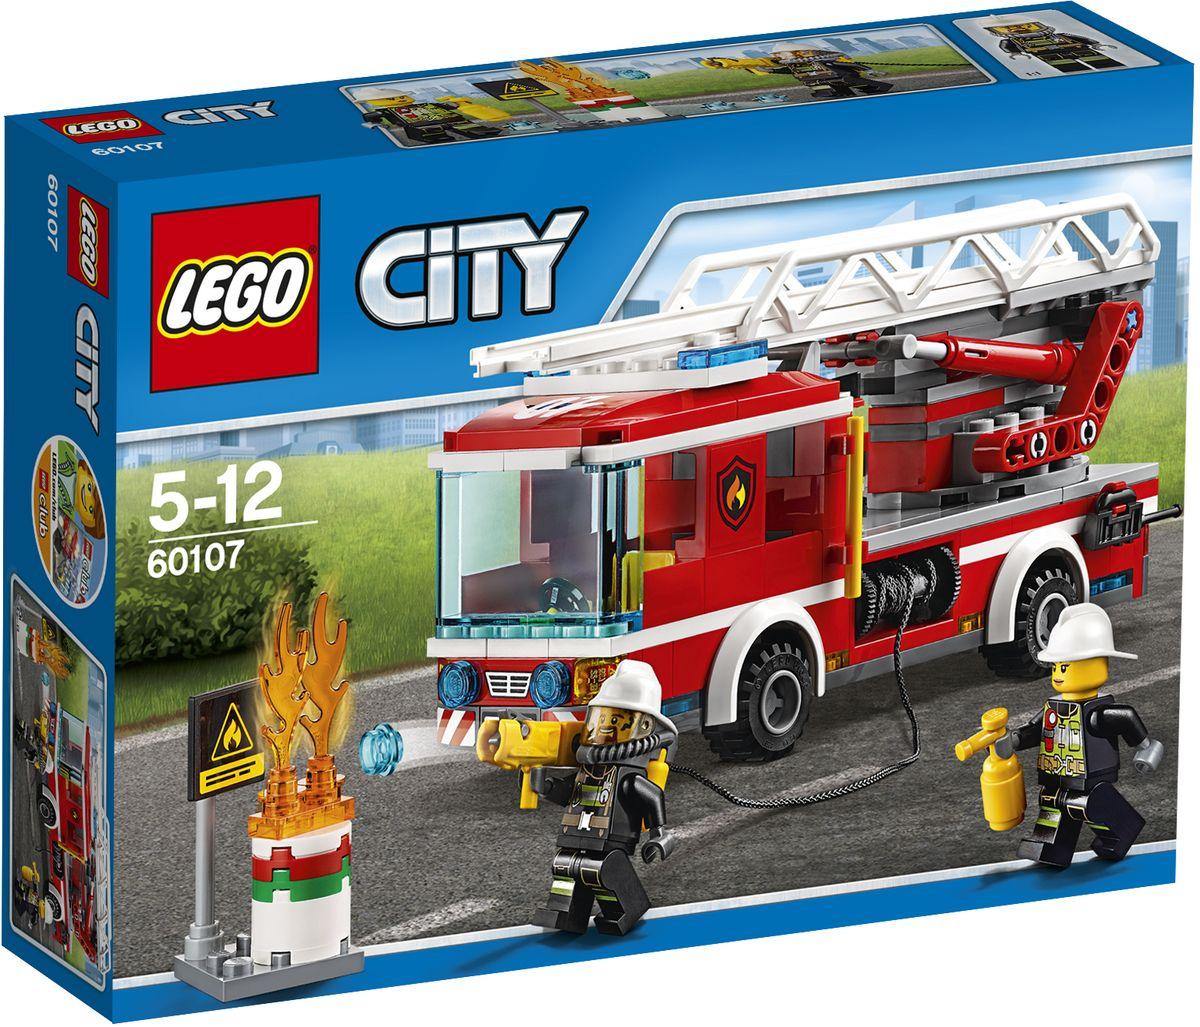 LEGO City Конструктор Пожарный автомобиль с лестницей 60107 lego city конструктор внедорожник каскадера 60146